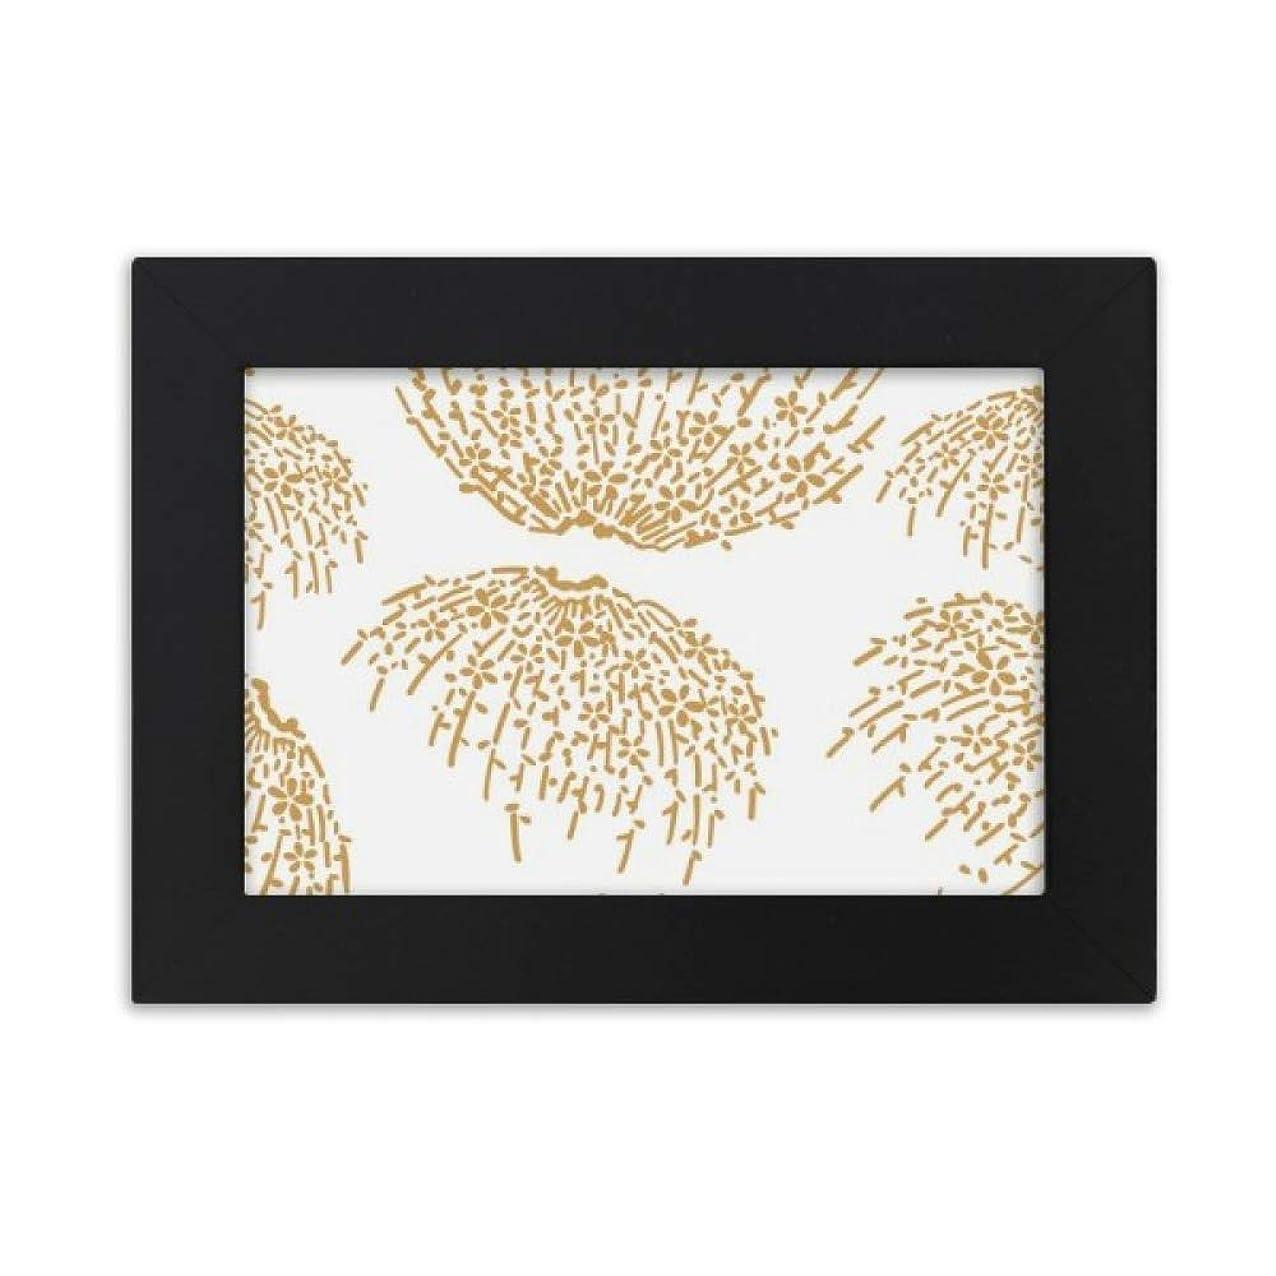 リットルオーナー護衛白秋の日本文化 デスクトップフォトフレーム画像ブラックは、芸術絵画7 x 9インチ